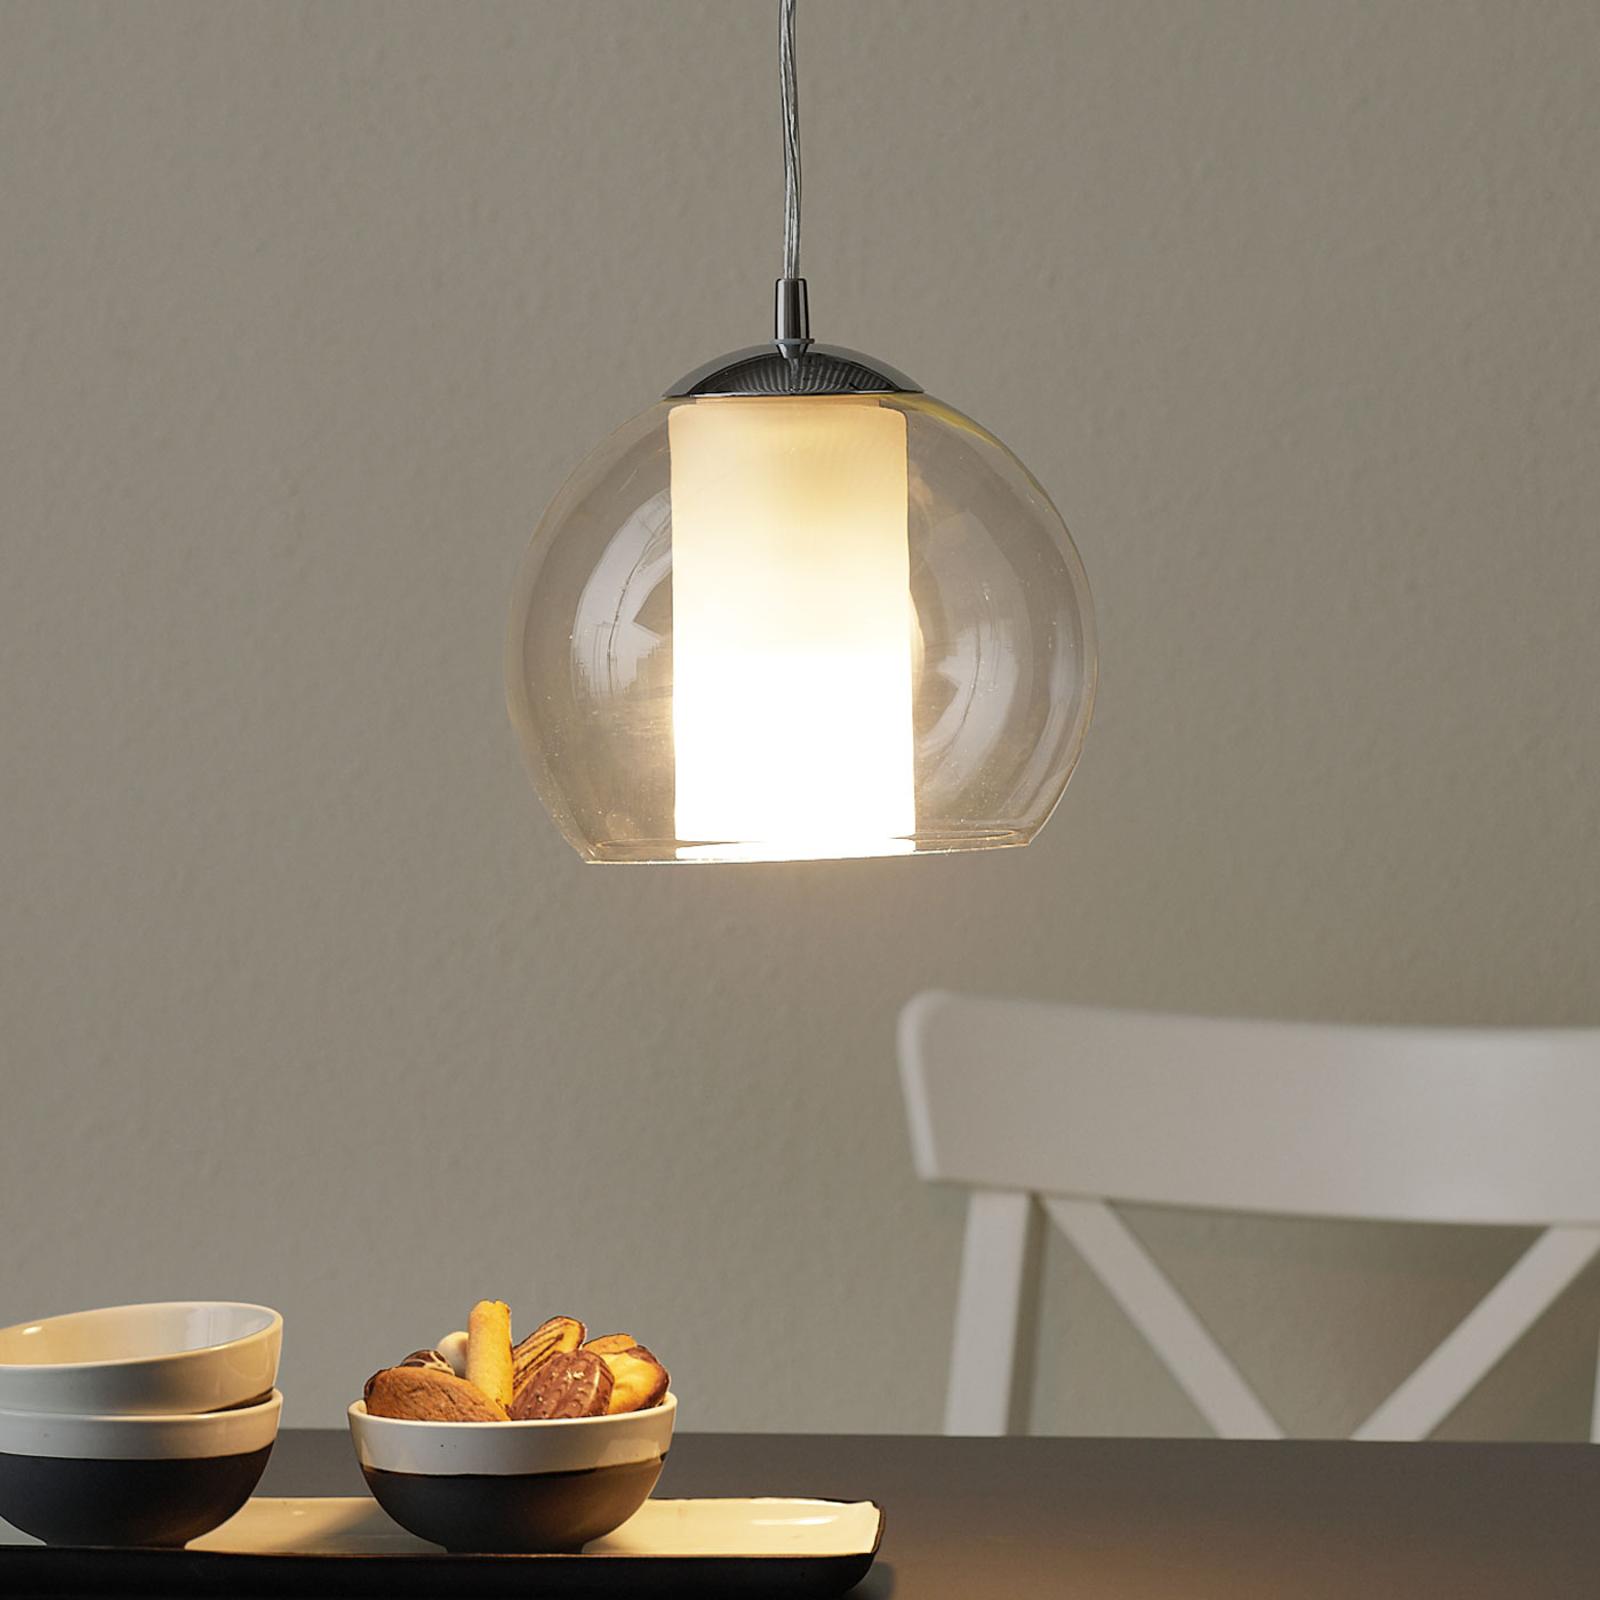 Elegante lámpara colgante de vidrio Bolsano